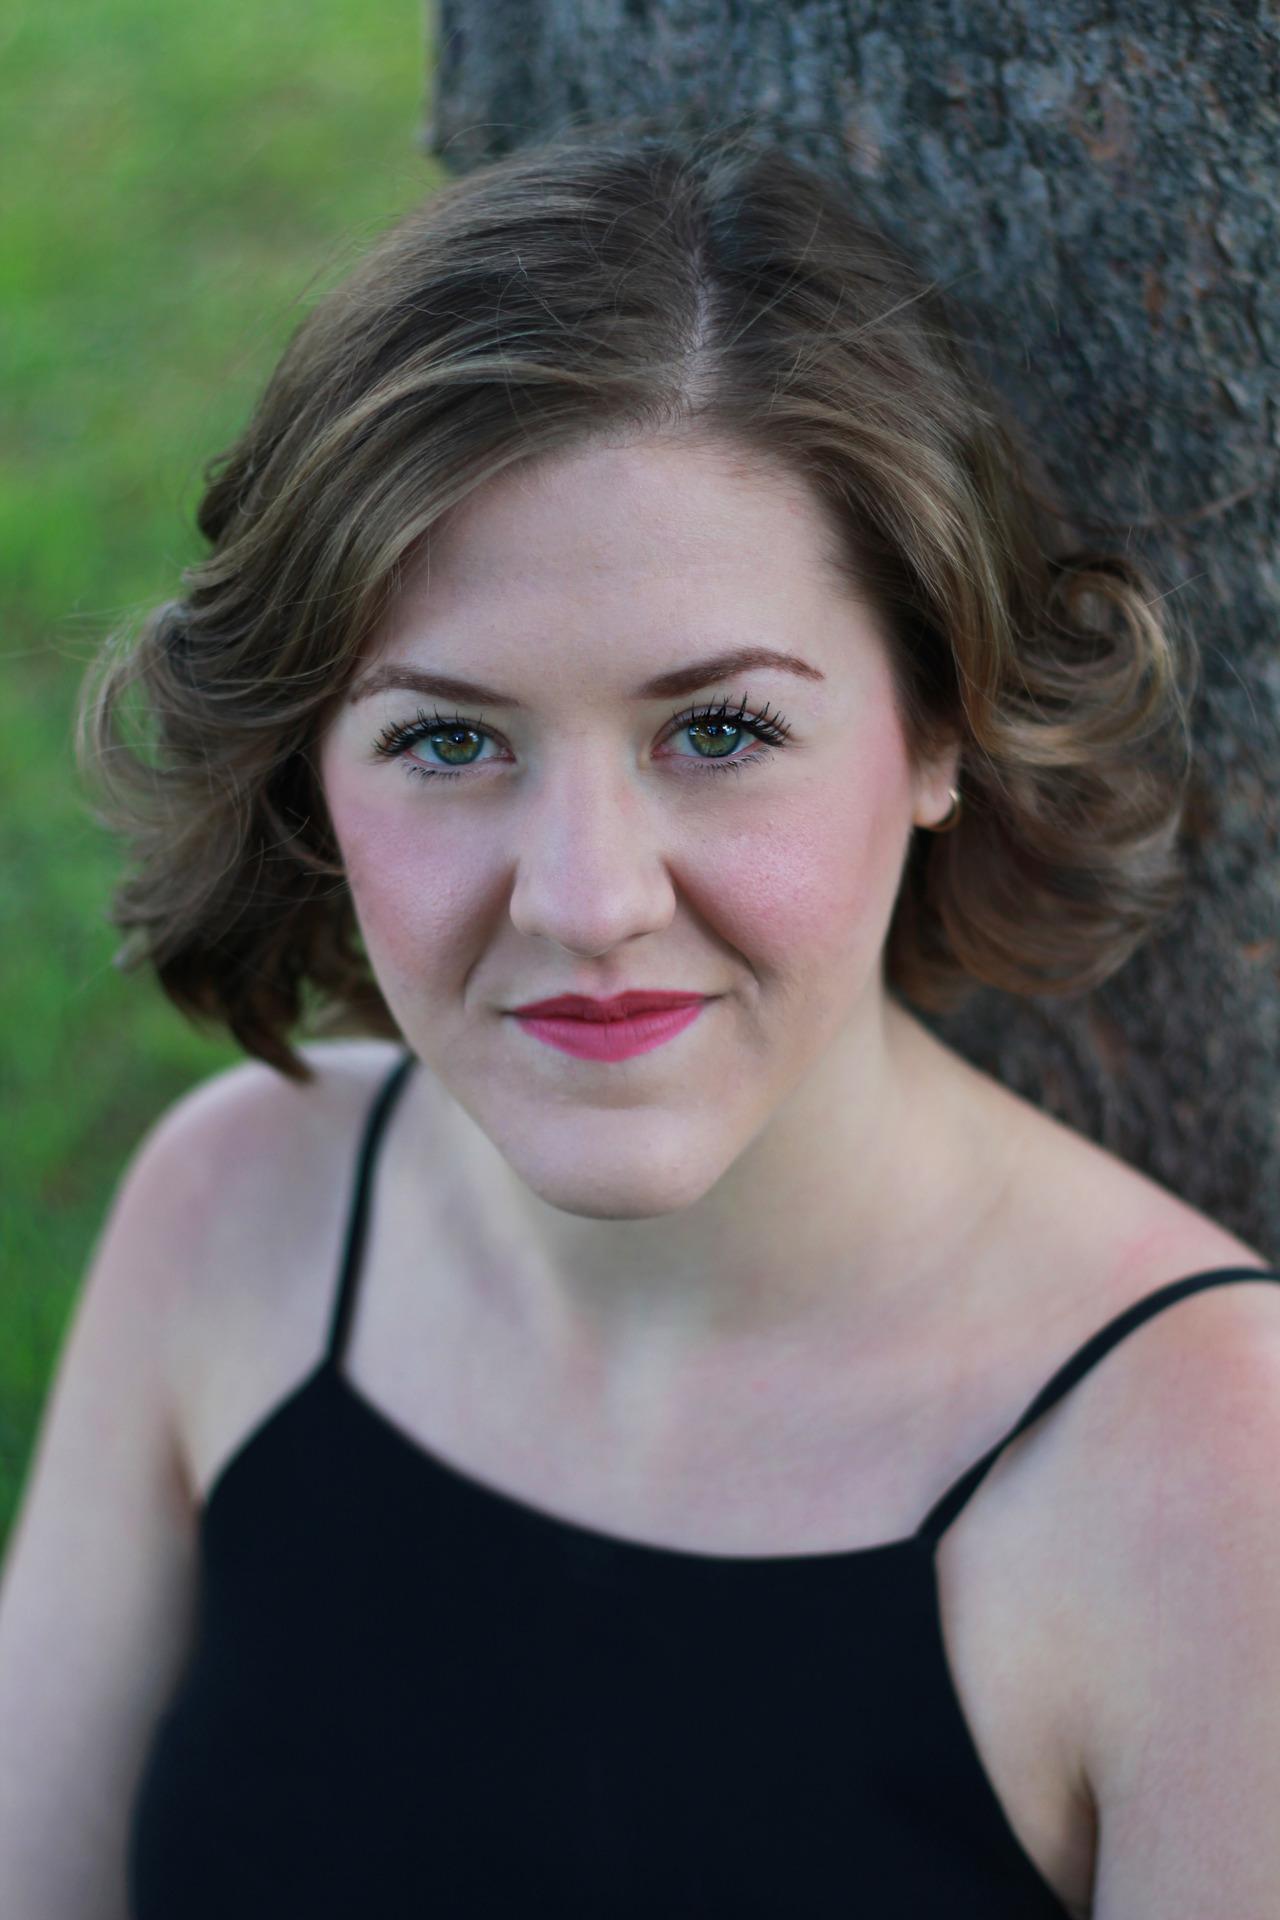 Gianna Read-Skelton